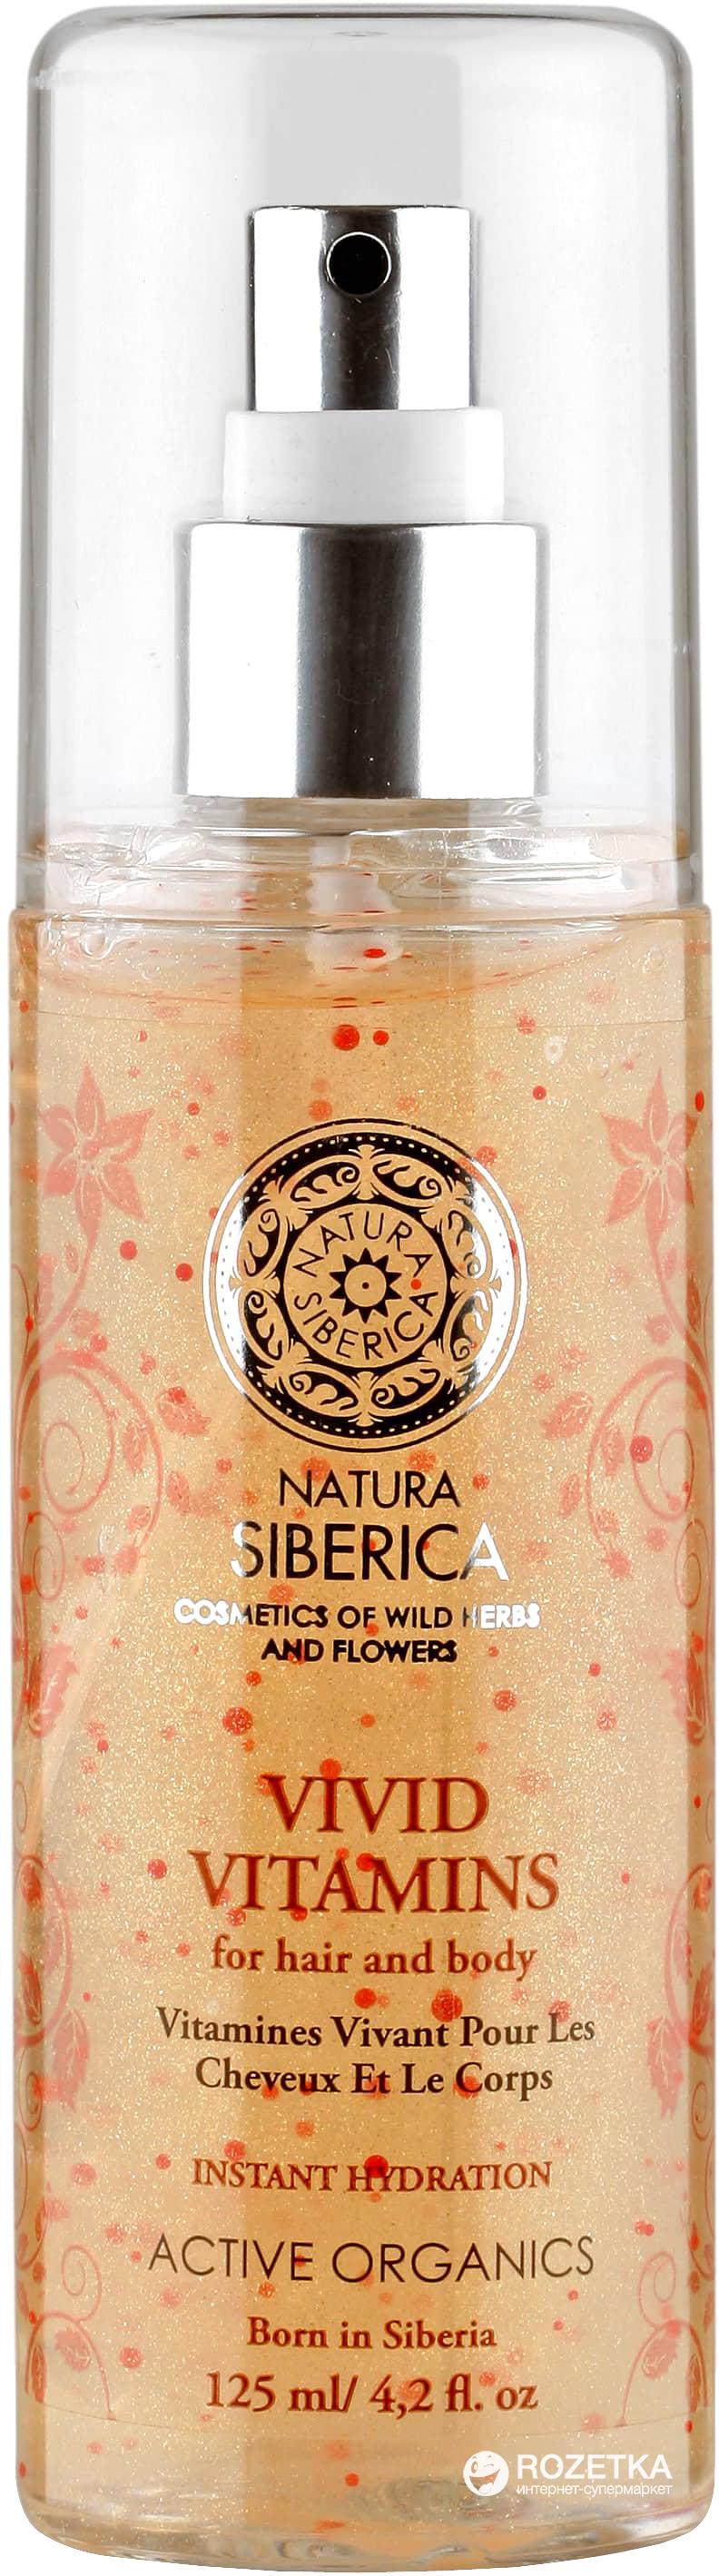 NS Живые витамины для волос и тела, 125 мл, Натура Сиберика